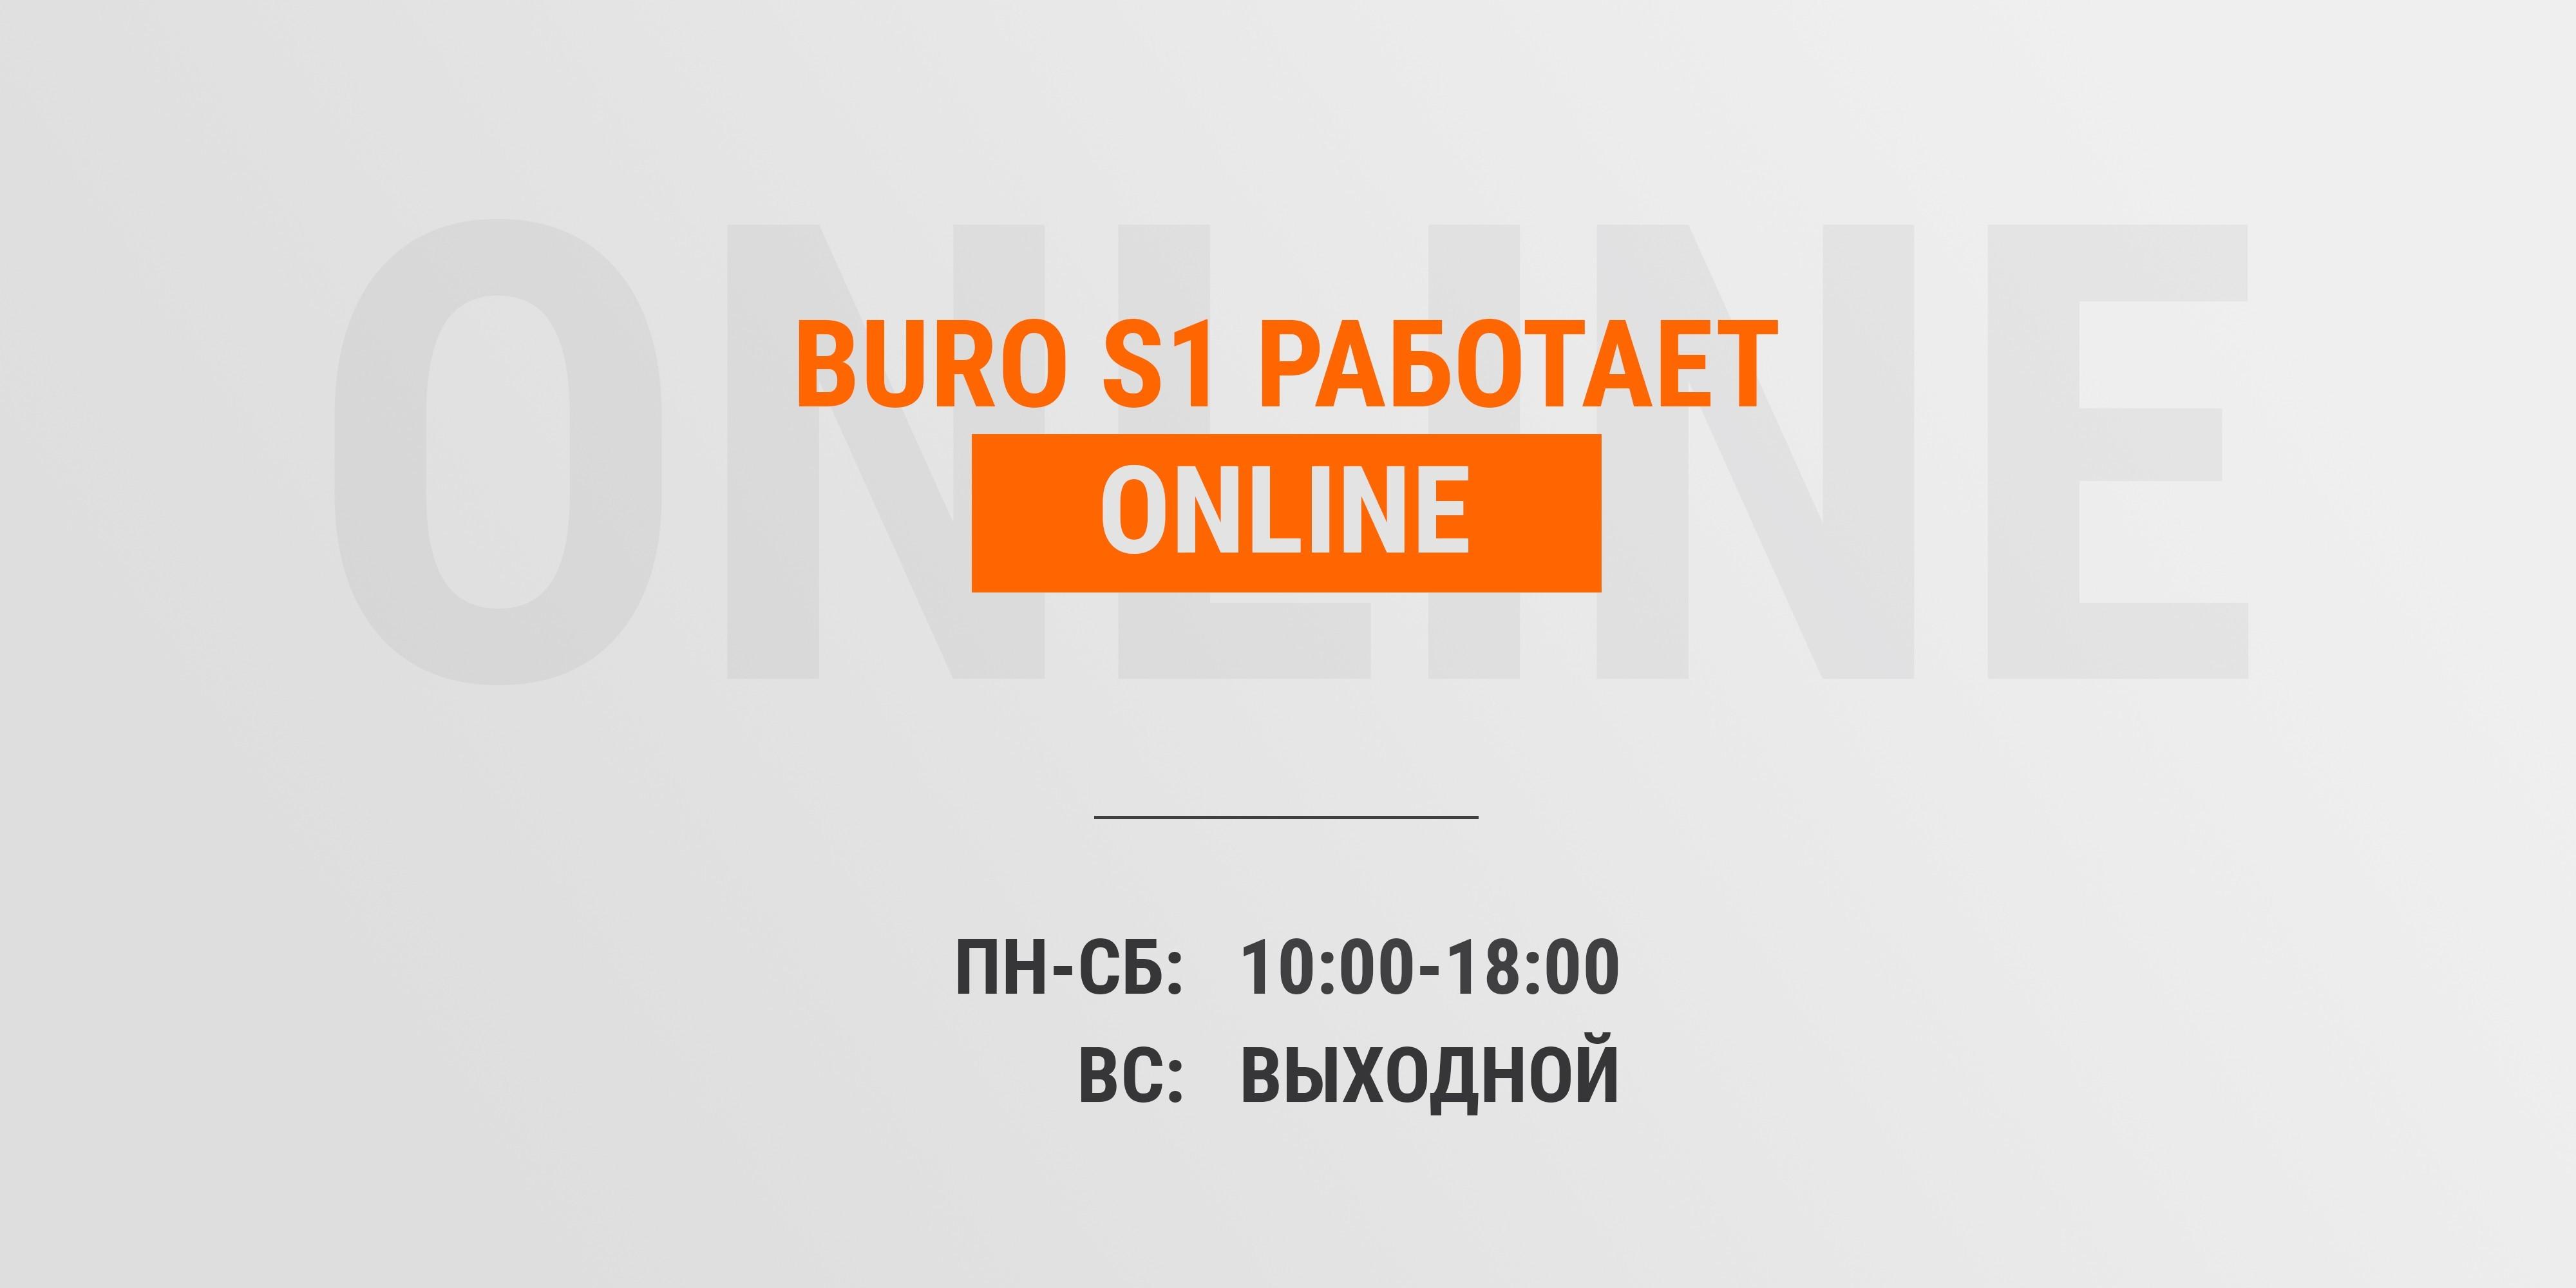 Buro S1 работает online